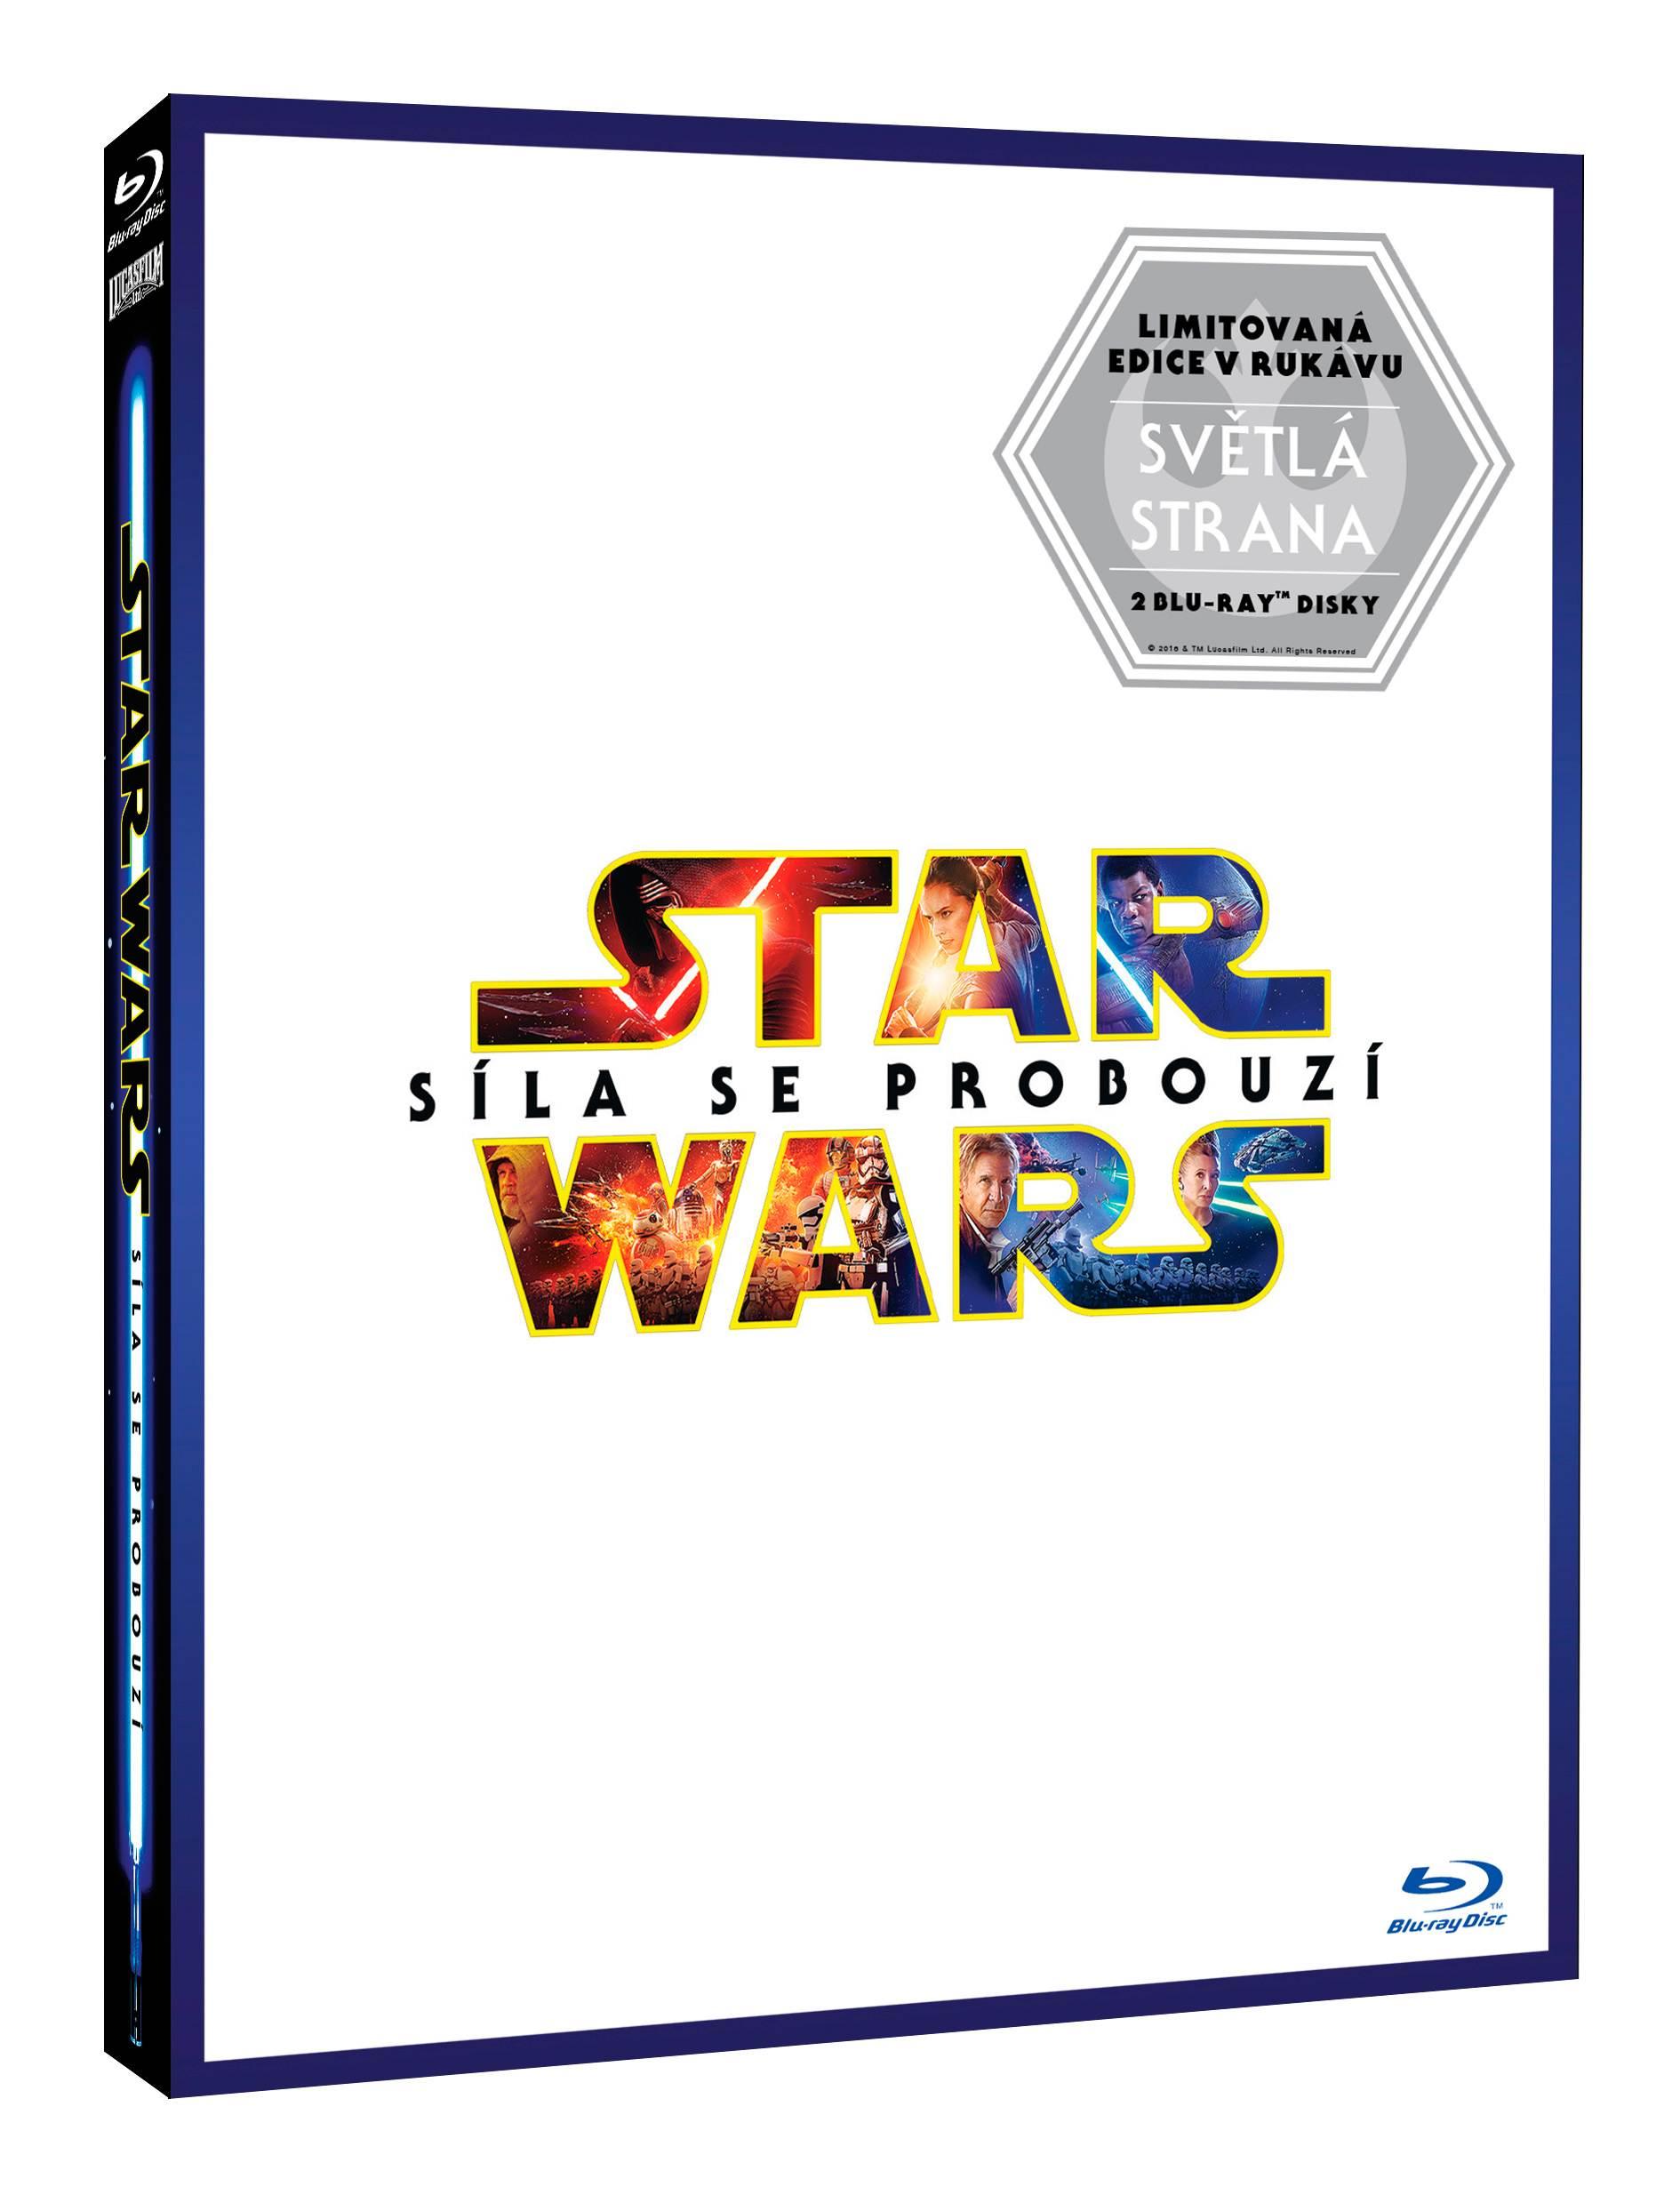 STAR WARS: SÍLA SE PROBOUZÍ - LIGHTSIDE limitovaná edice (2 BD) - Blu-ray